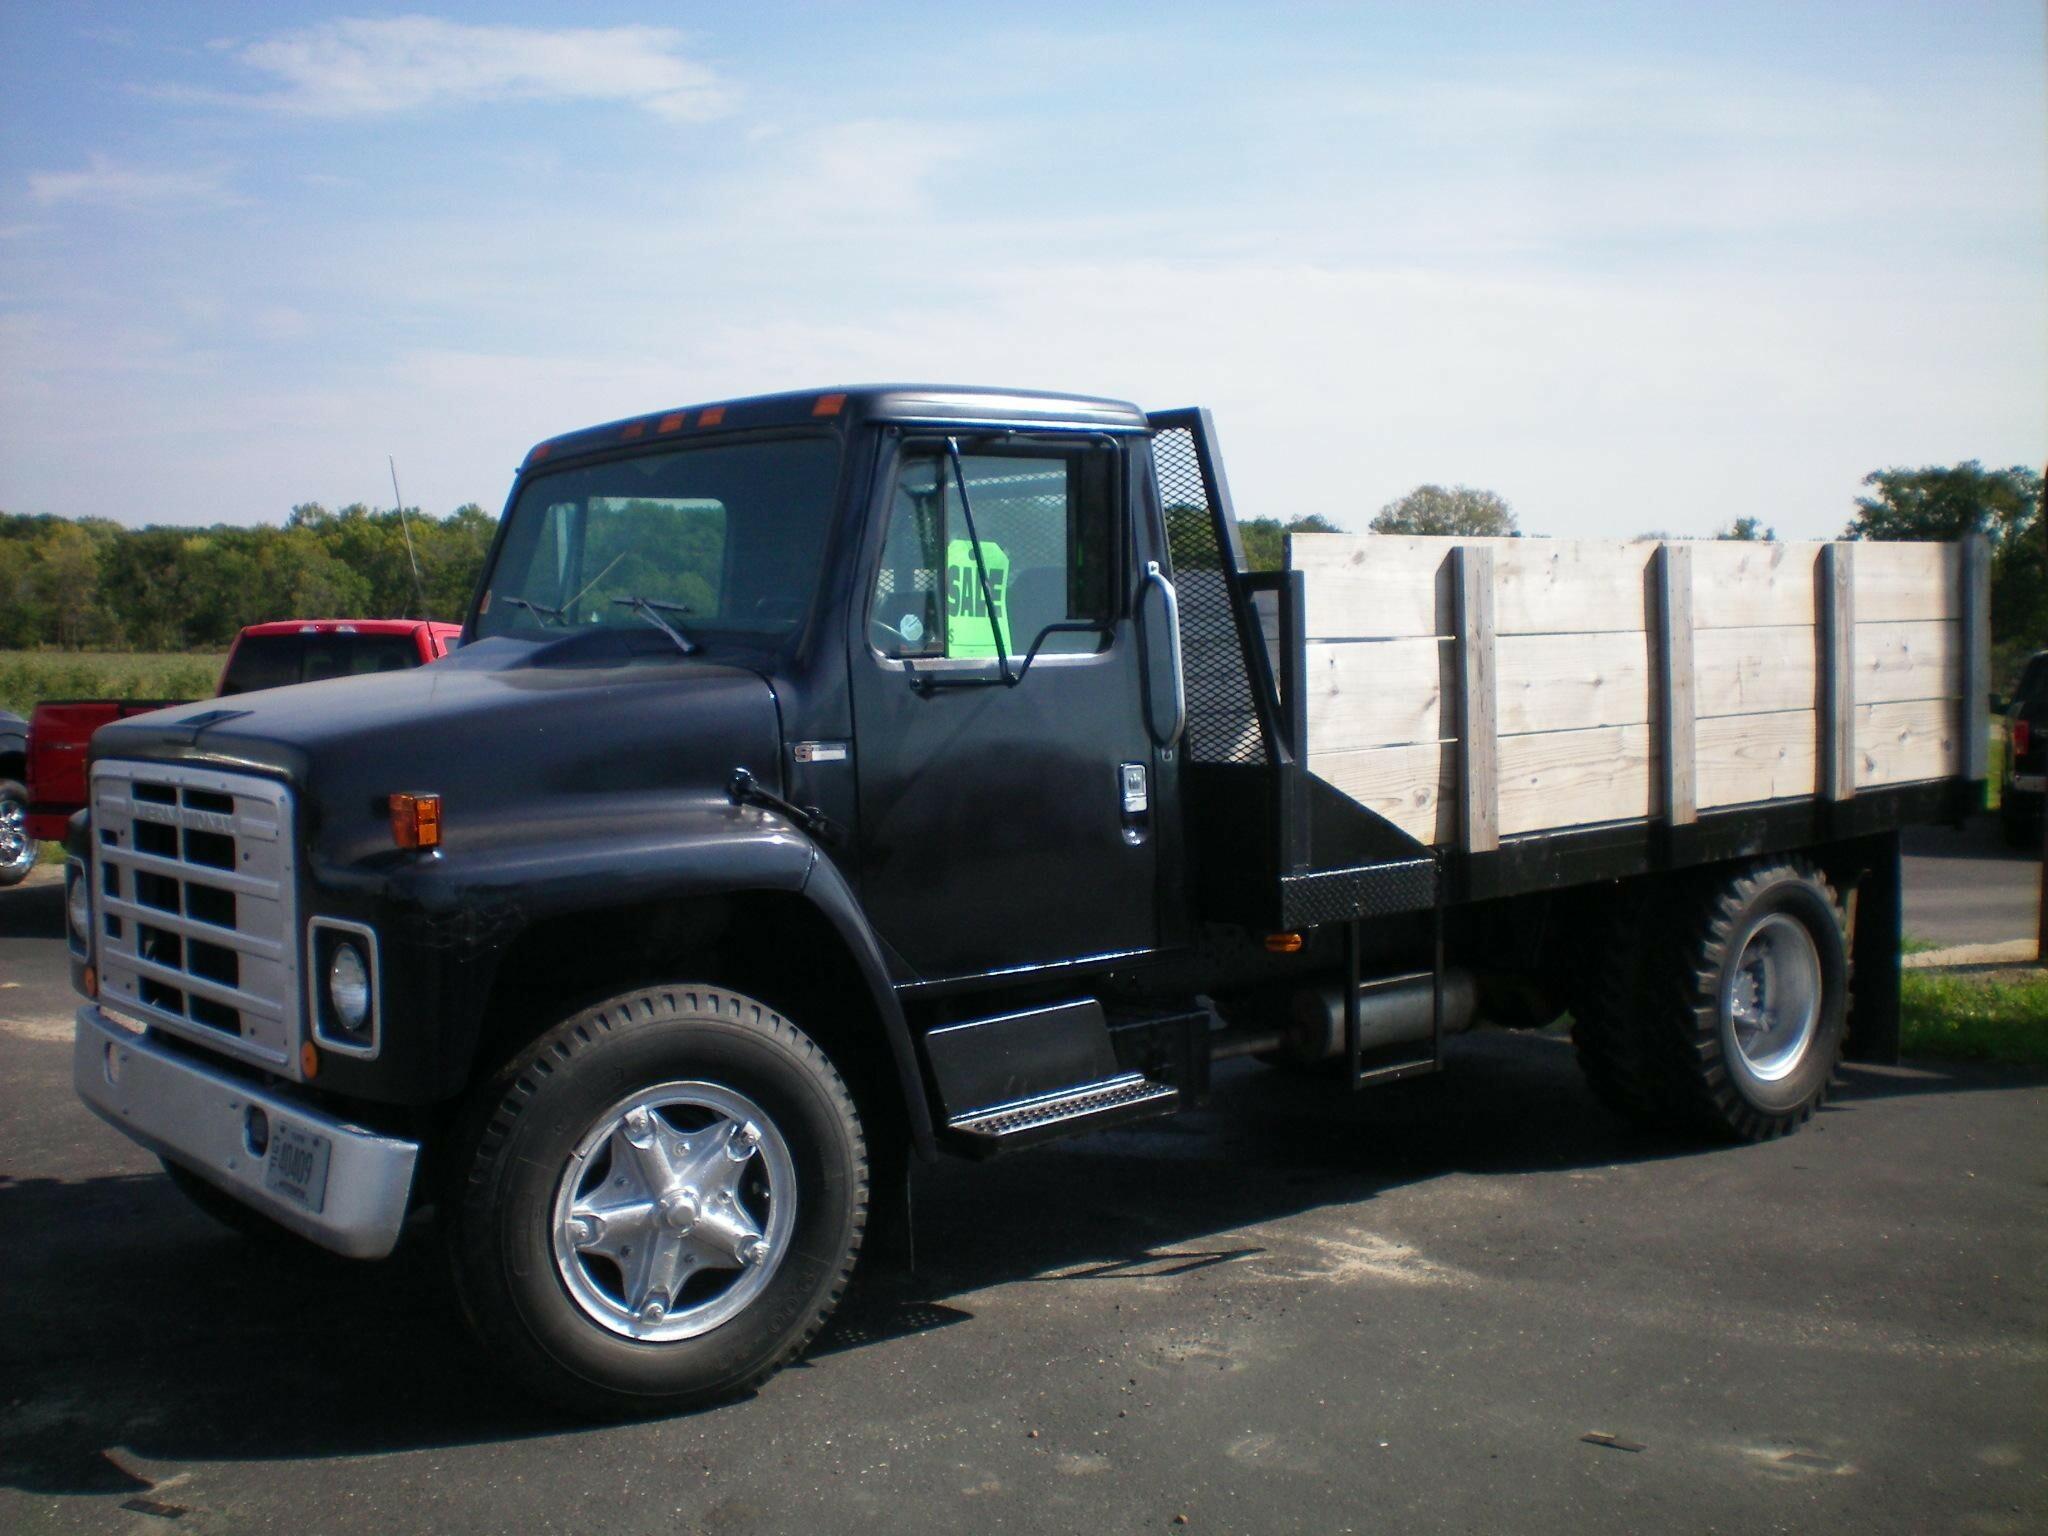 1983 International S1700 Semi Truck